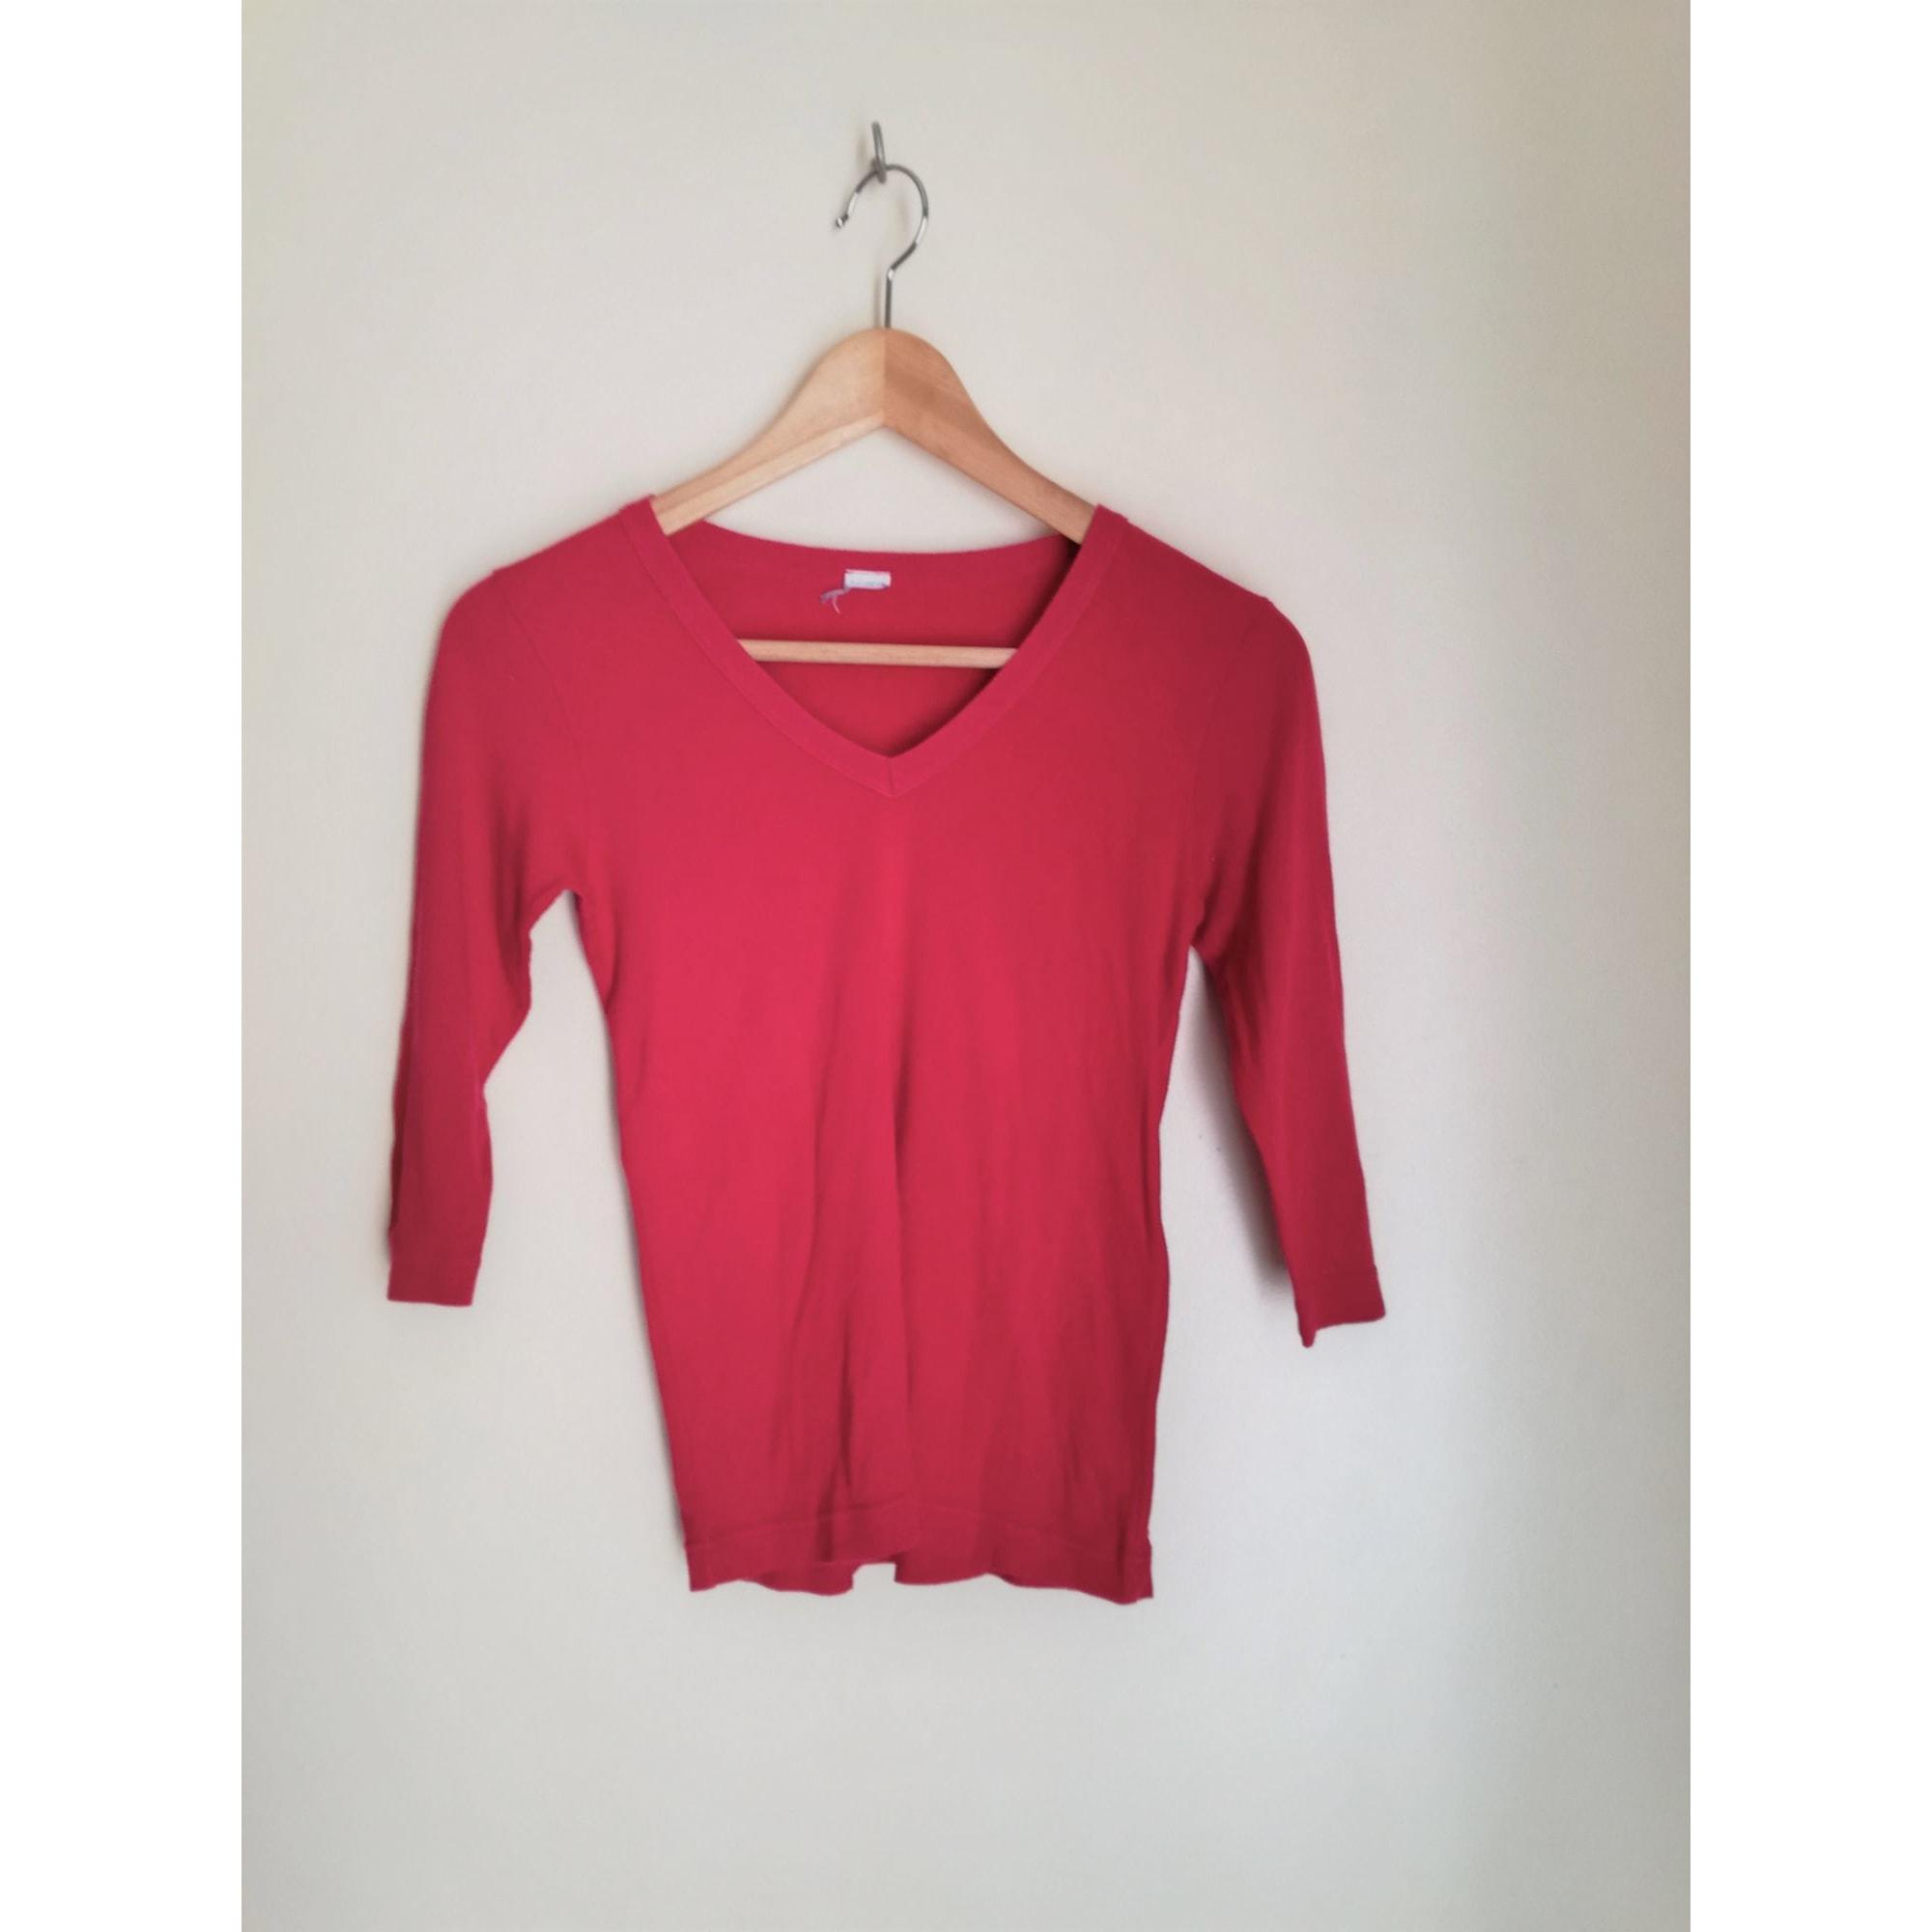 Top, Tee-shirt PETIT BATEAU Rose, fuschia, vieux rose